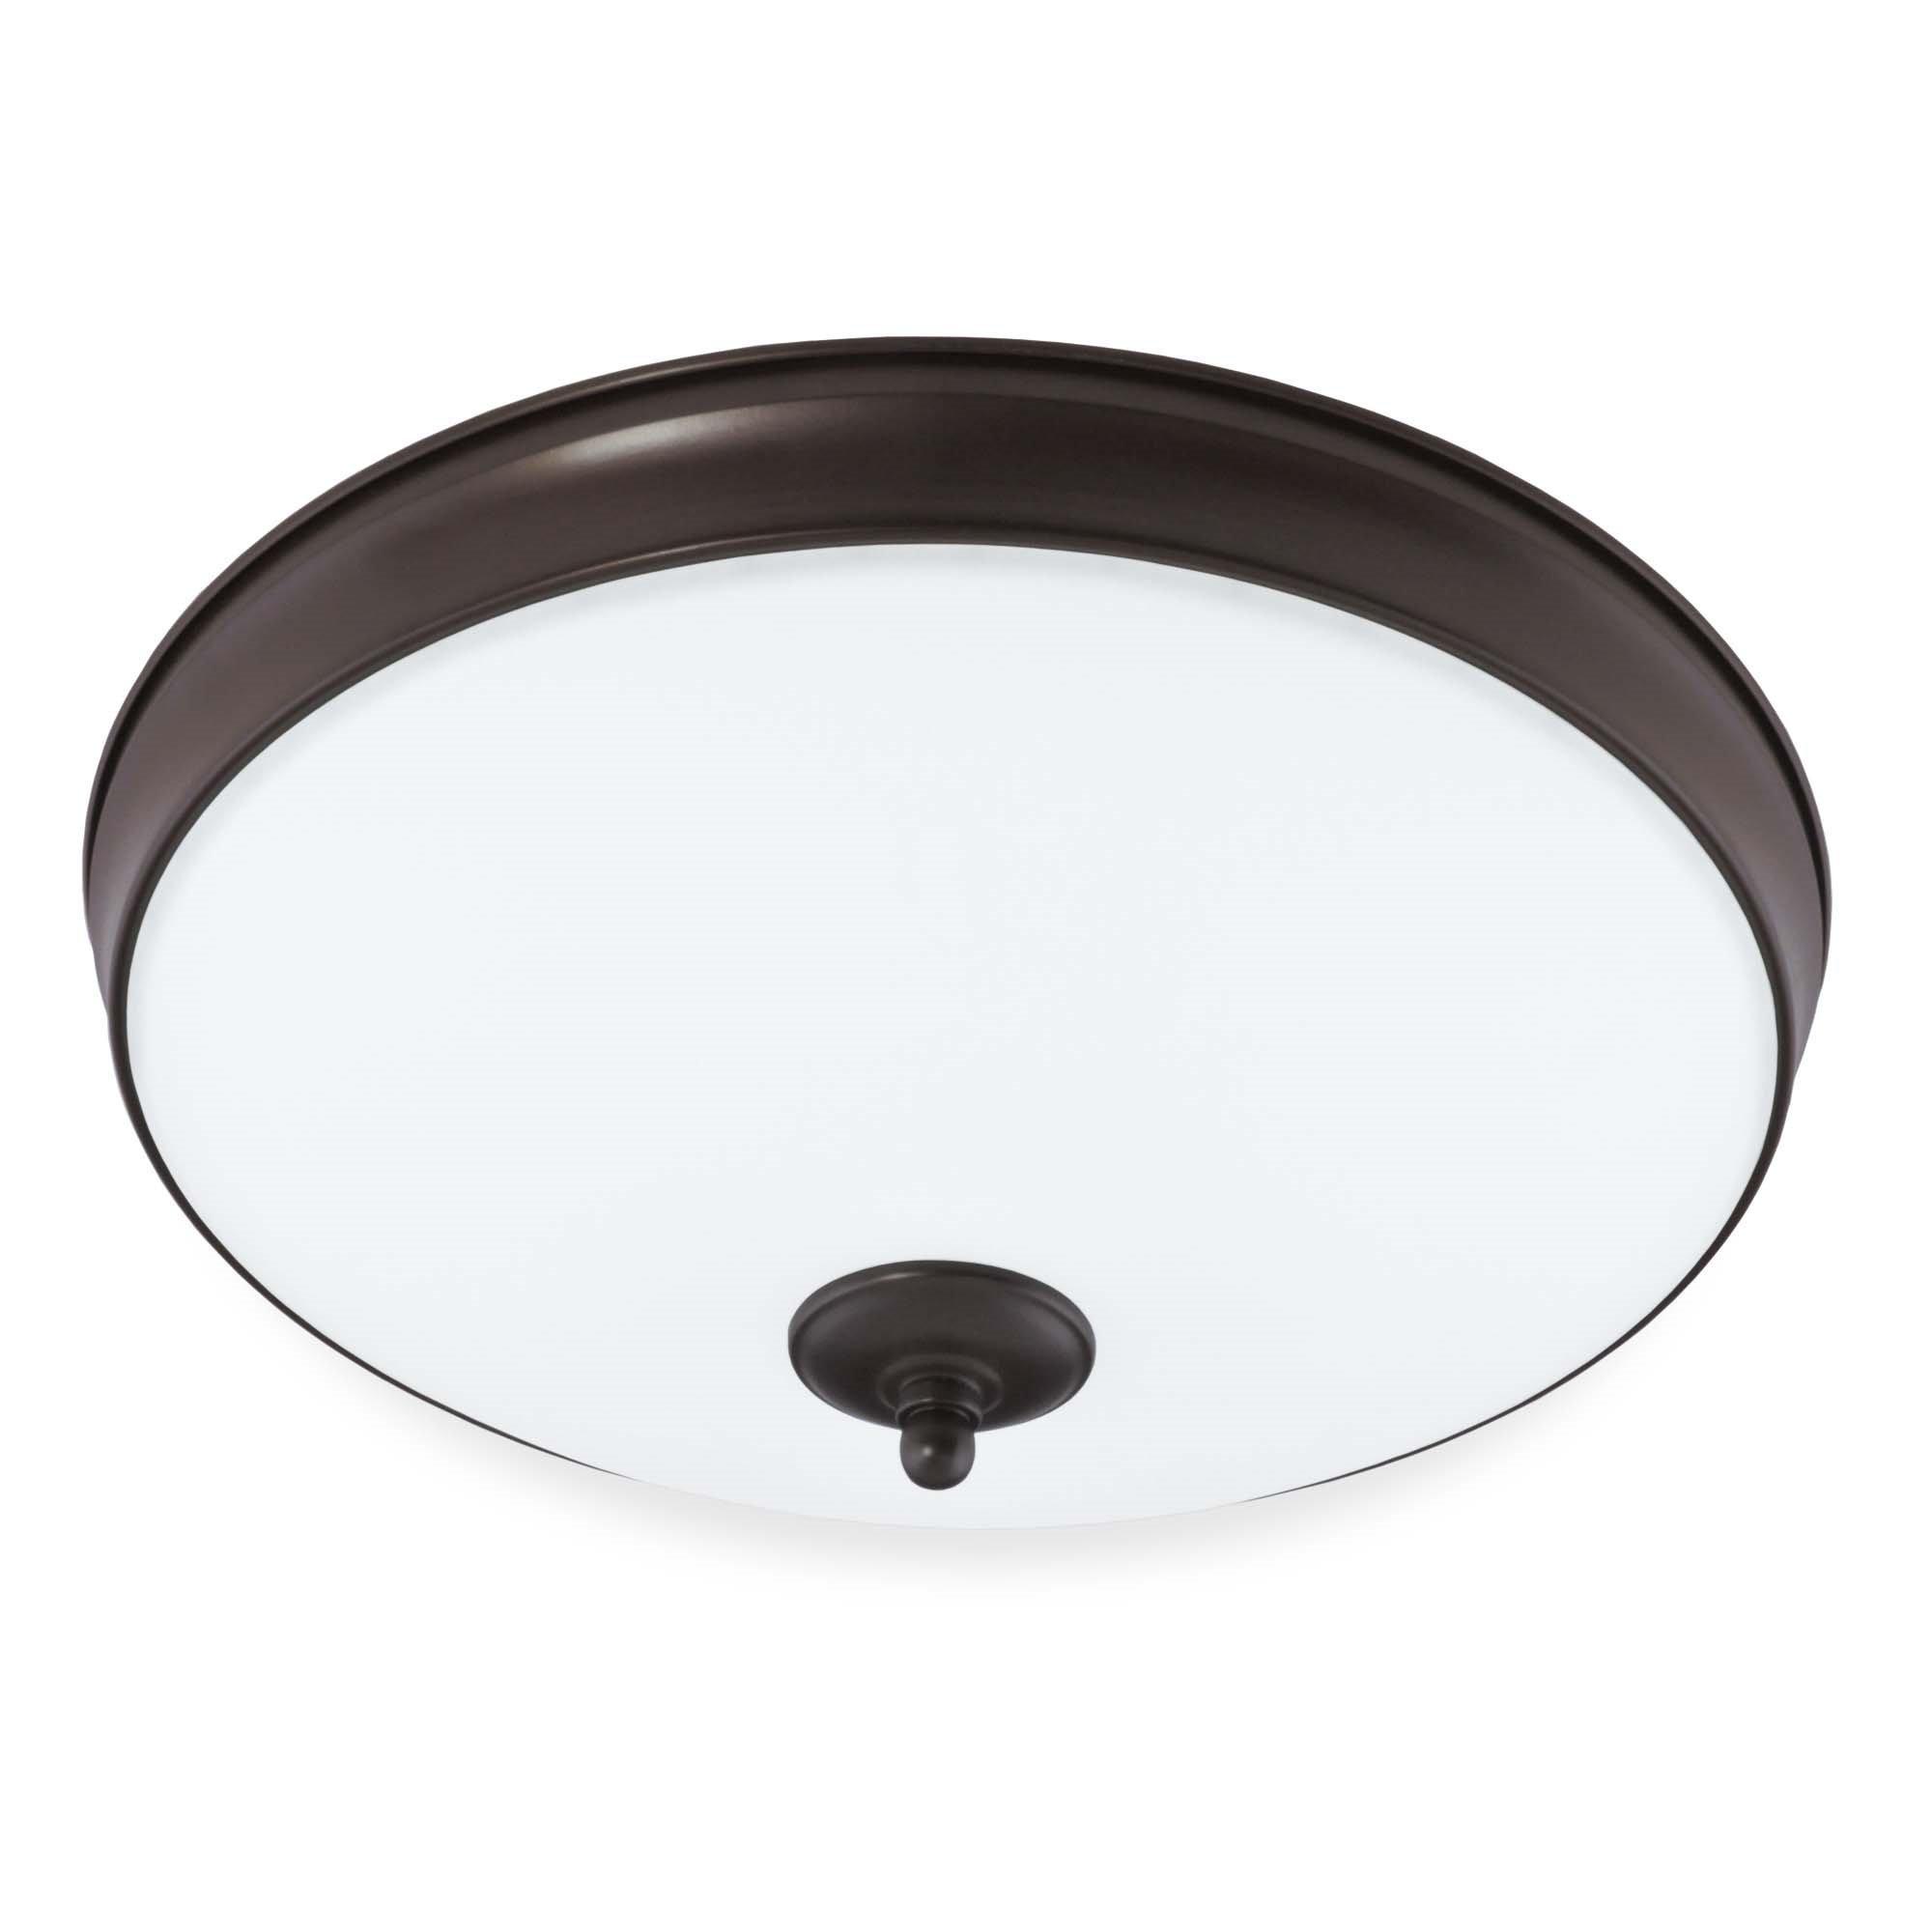 Good Earth Lighting Legacy 15-inch LED Flush Mount Light - Bronze